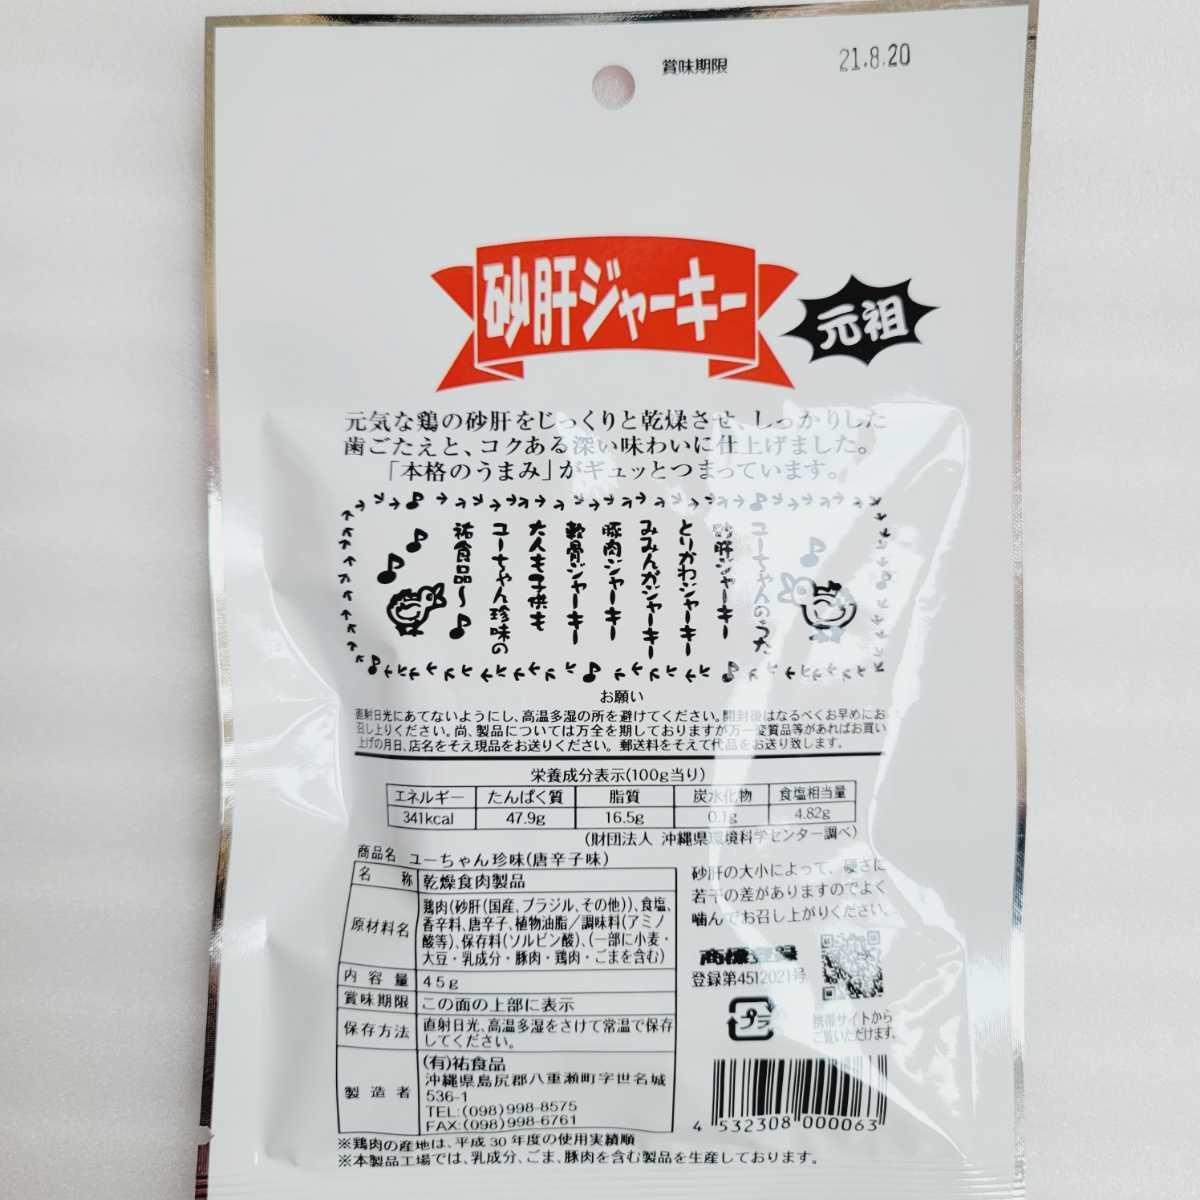 おつまみ、おやつに 沖縄 とり皮・砂肝ジャーキー (胡椒・唐辛子)セット * 鶏皮 揚げ お菓子詰め合わせ _画像2